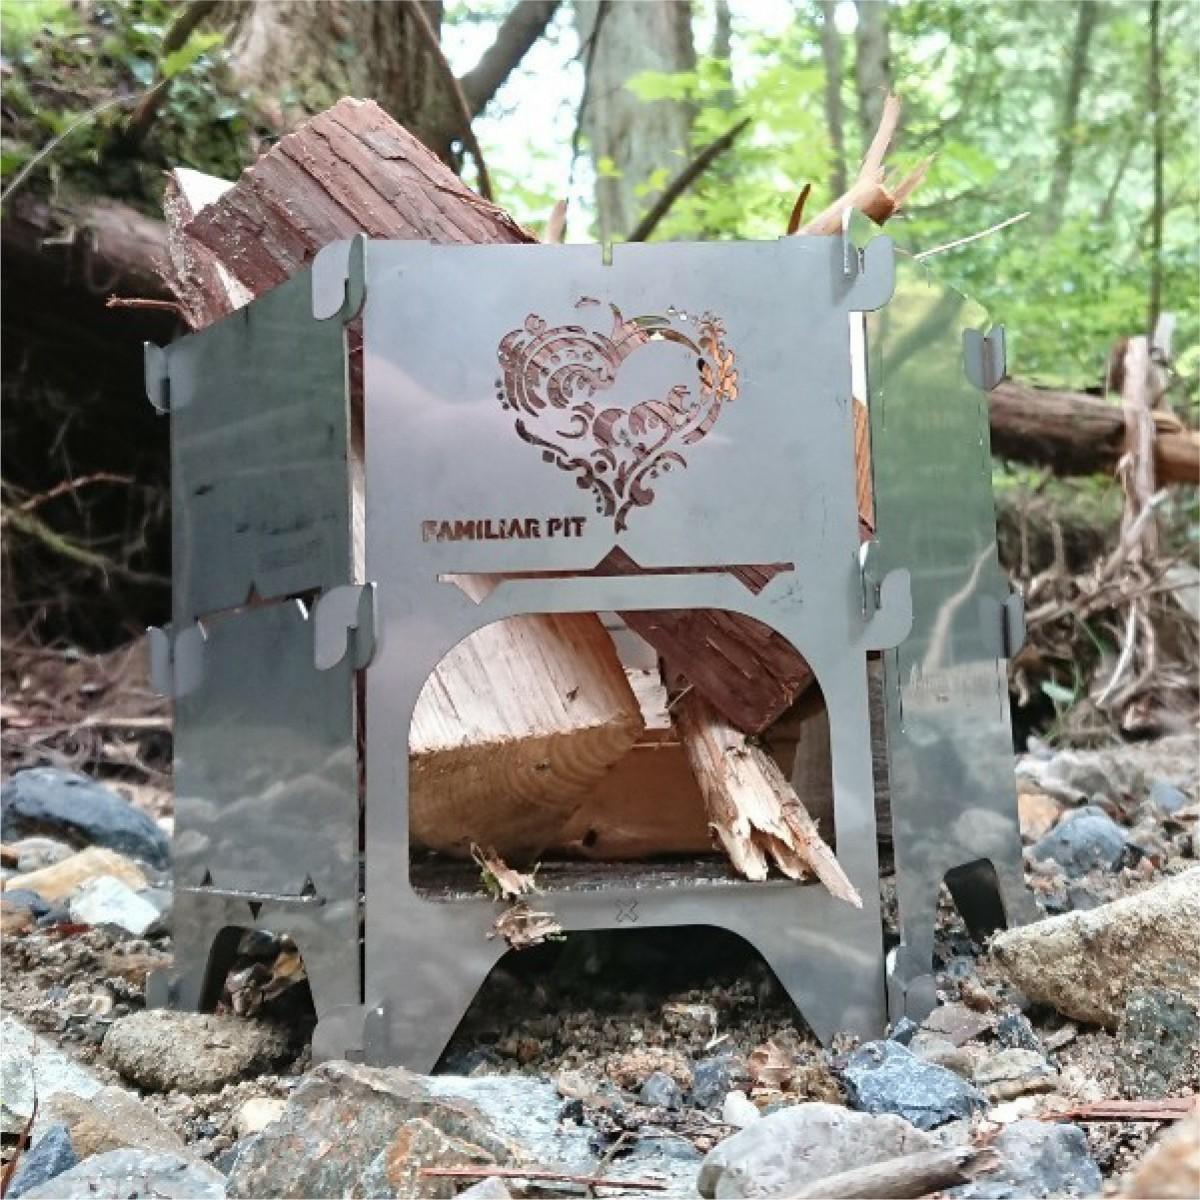 焚き火台 焚火台 コンロ インテリア ハート